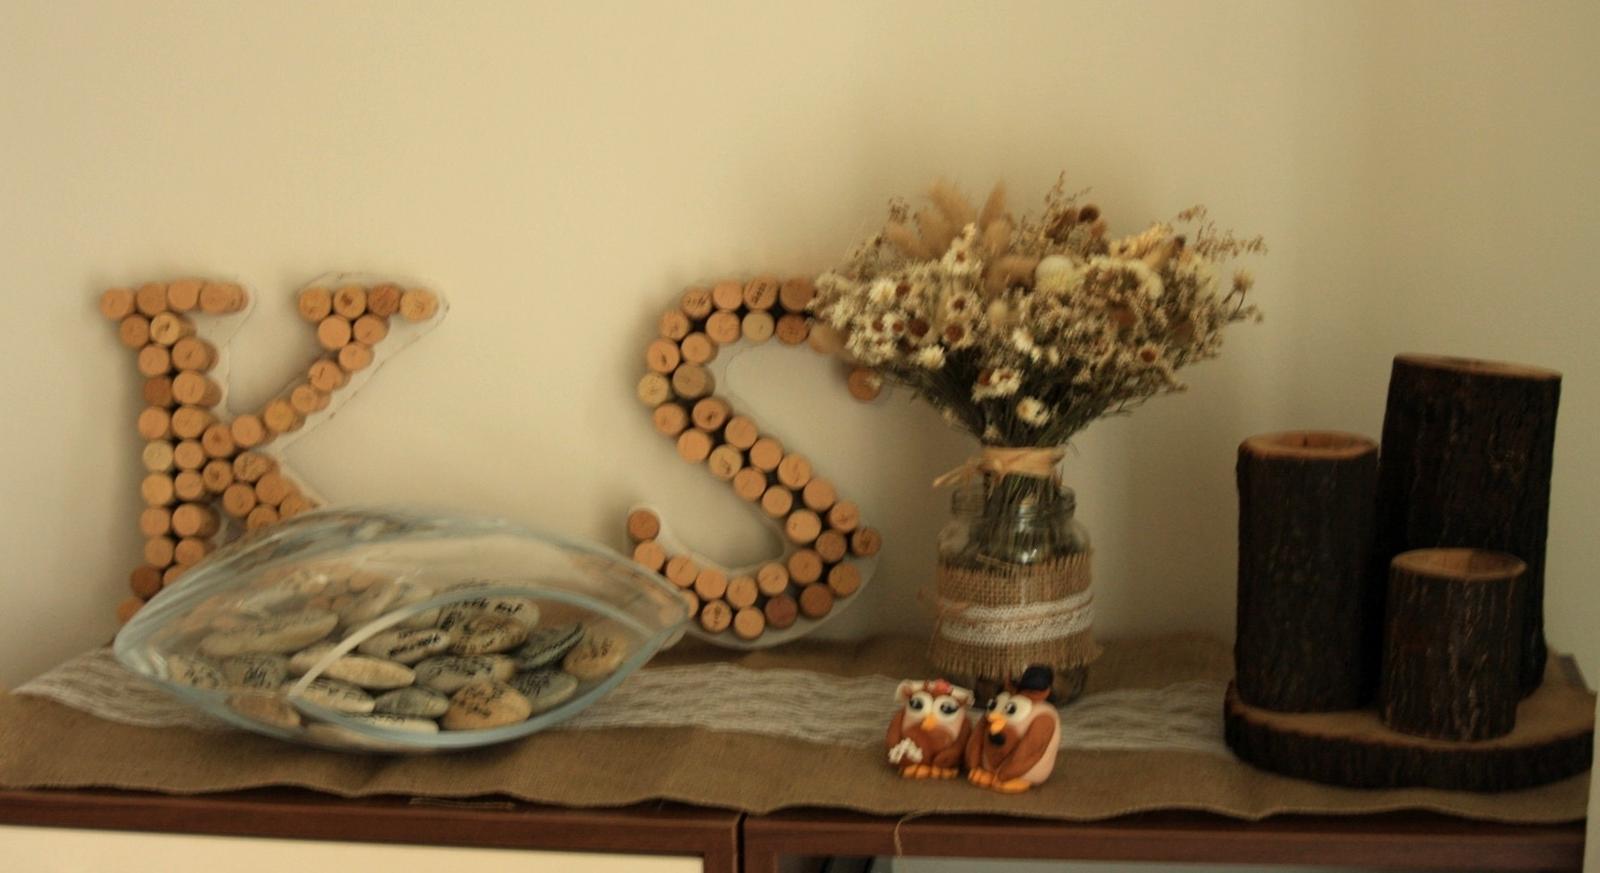 Dneska som nam vytvorila v byte svadobny kutik z nasej vyzdoby, uz len doplnit fotkou a bude to dokonale :) - Obrázok č. 1